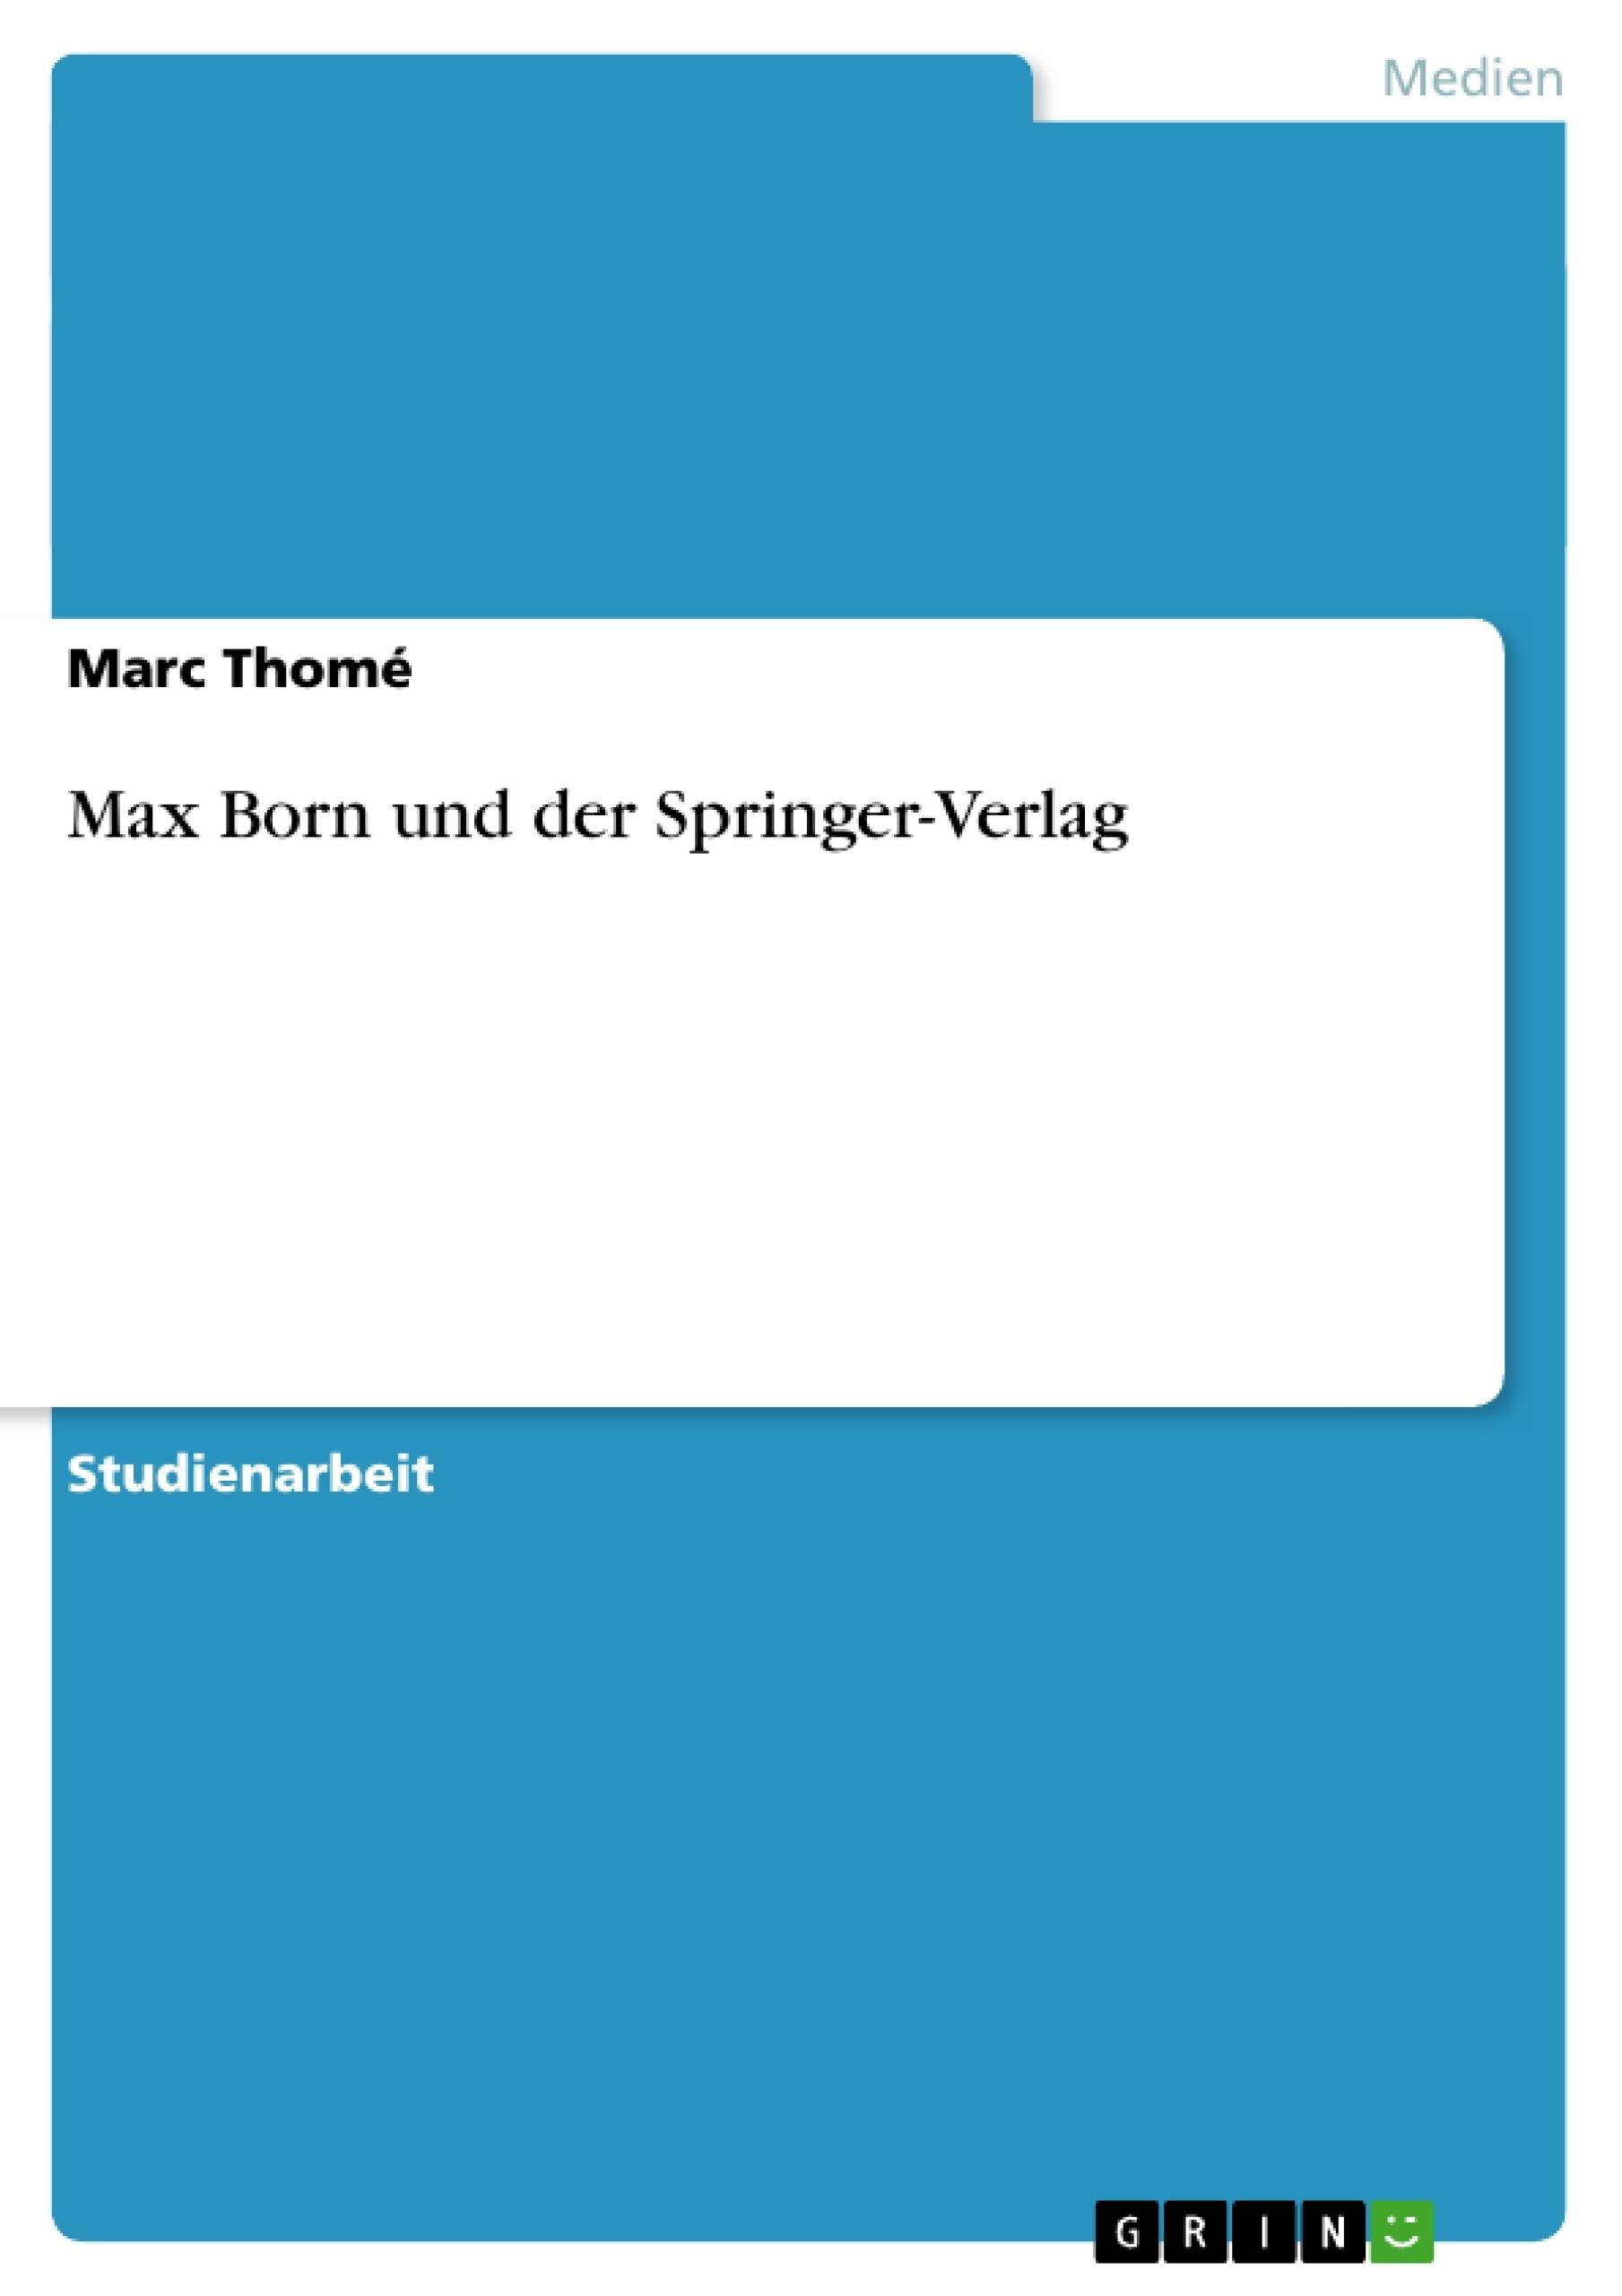 Titel: Max Born und der Springer-Verlag